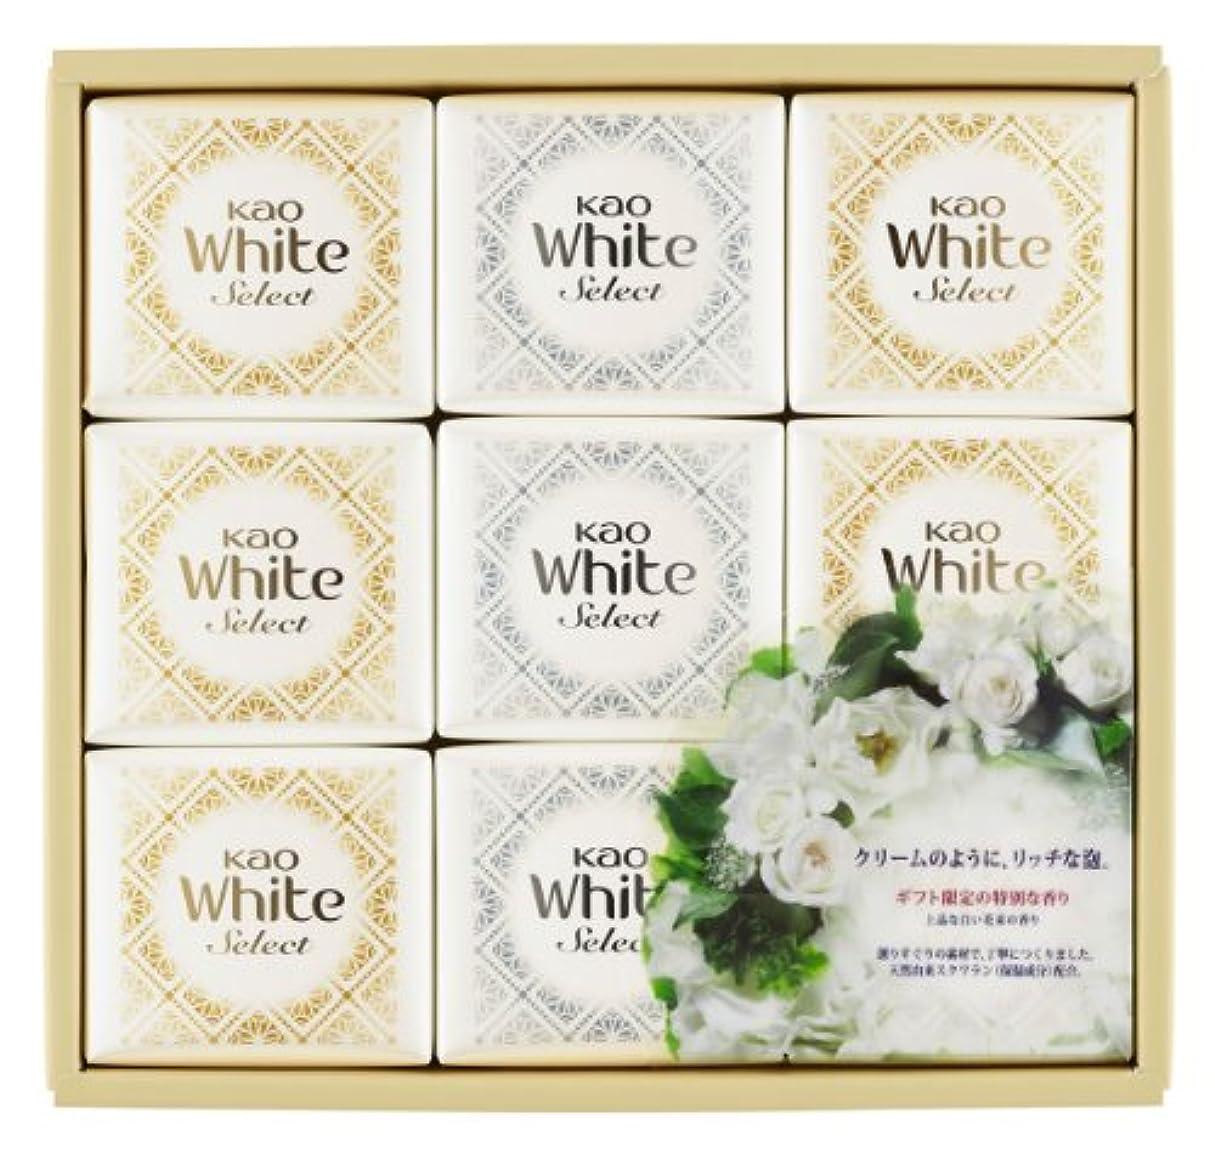 観光に行く確実核花王ホワイト セレクト 上品な白い花束の香り 85g 9コ K?WS-15